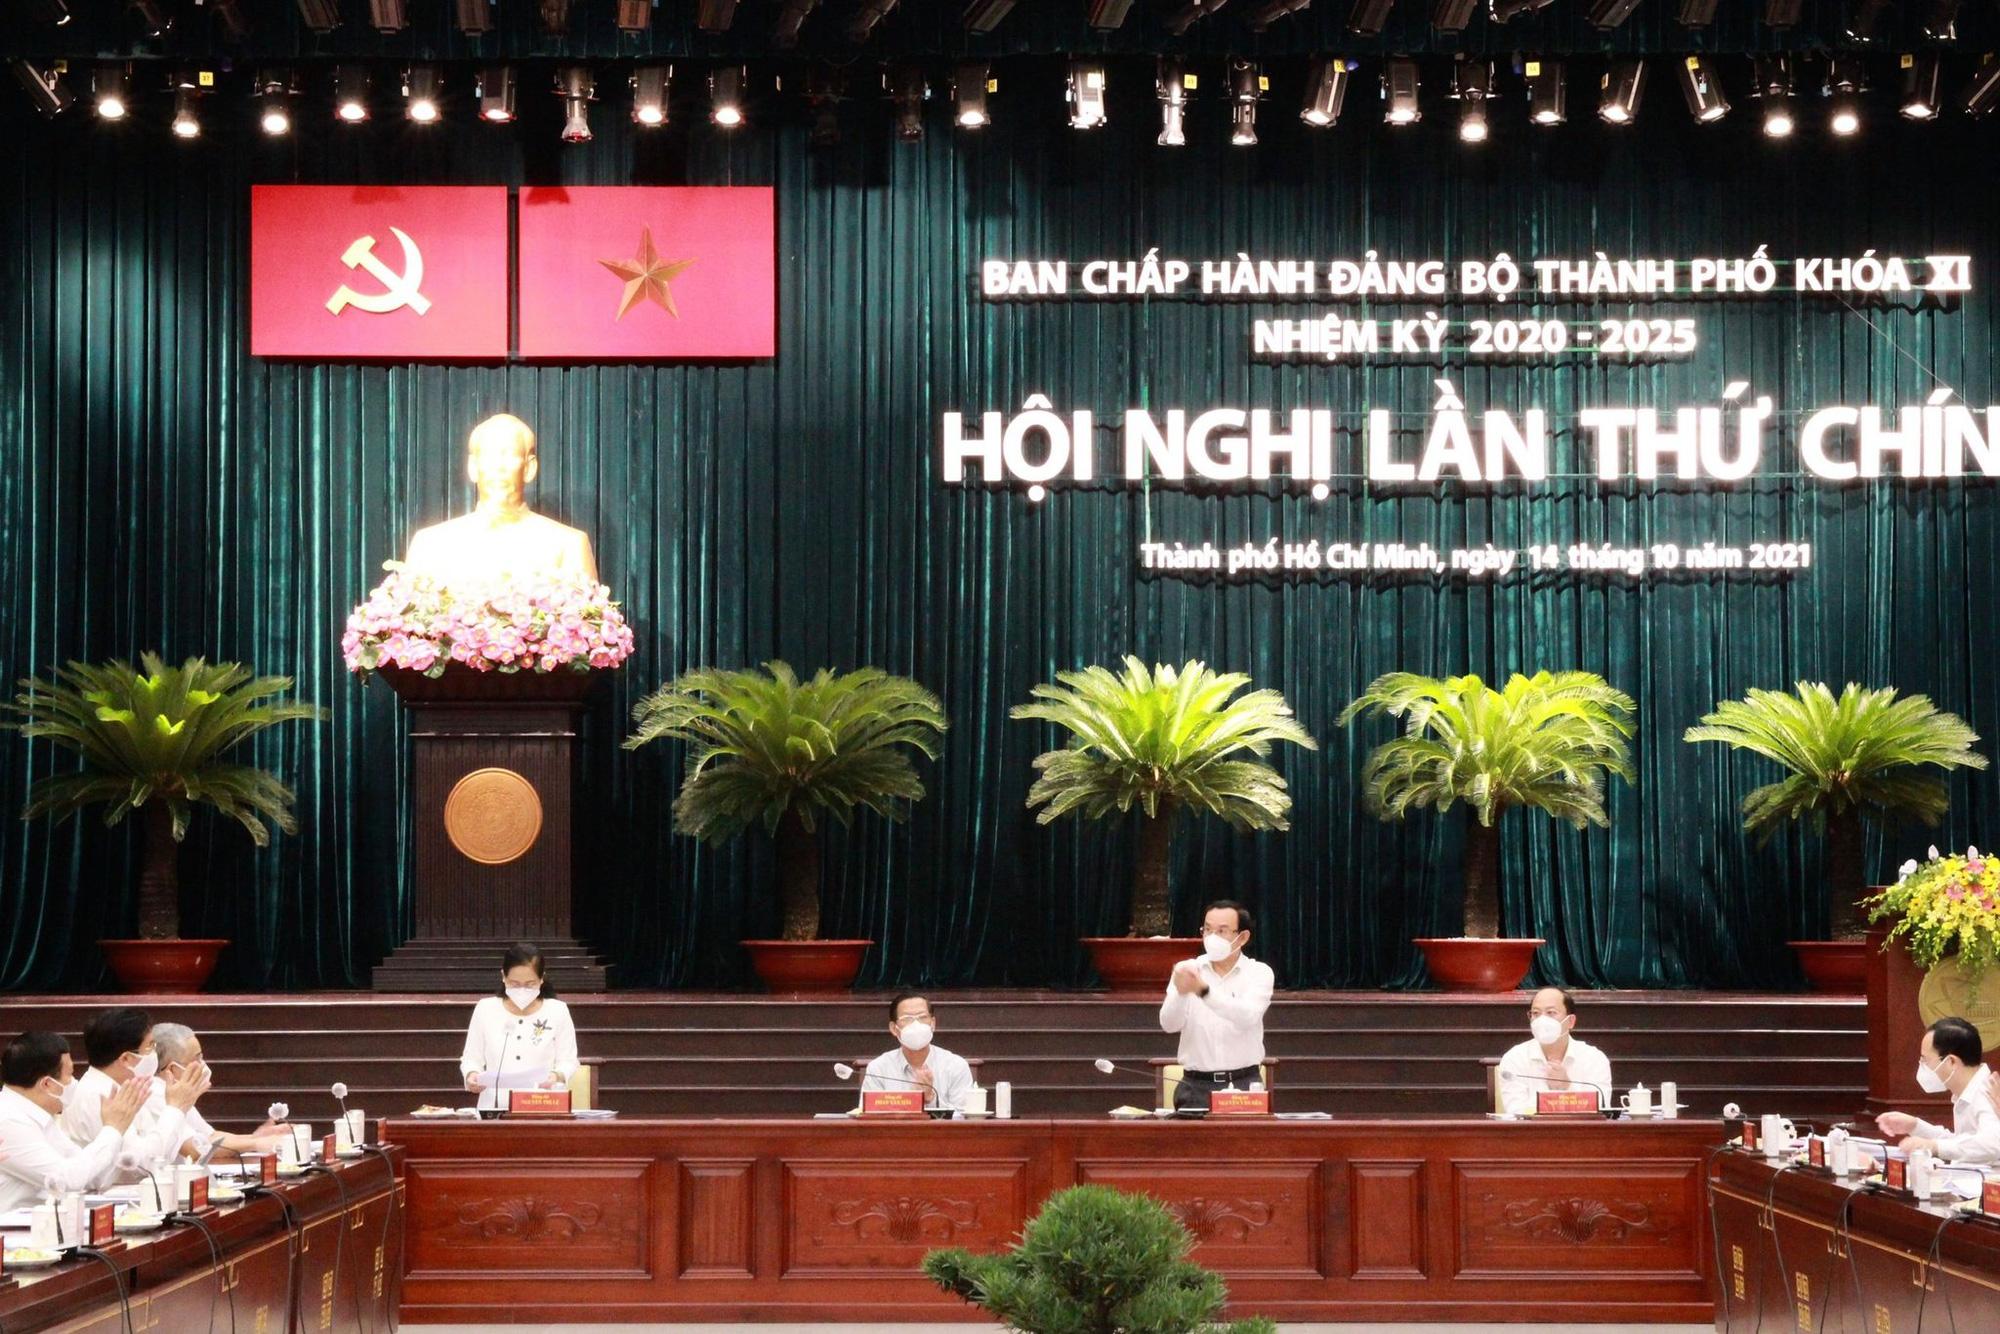 NÓNG: Thành ủy TP HCM đang họp mở rộng bàn nhiều vấn đề quan trọng - Ảnh 2.